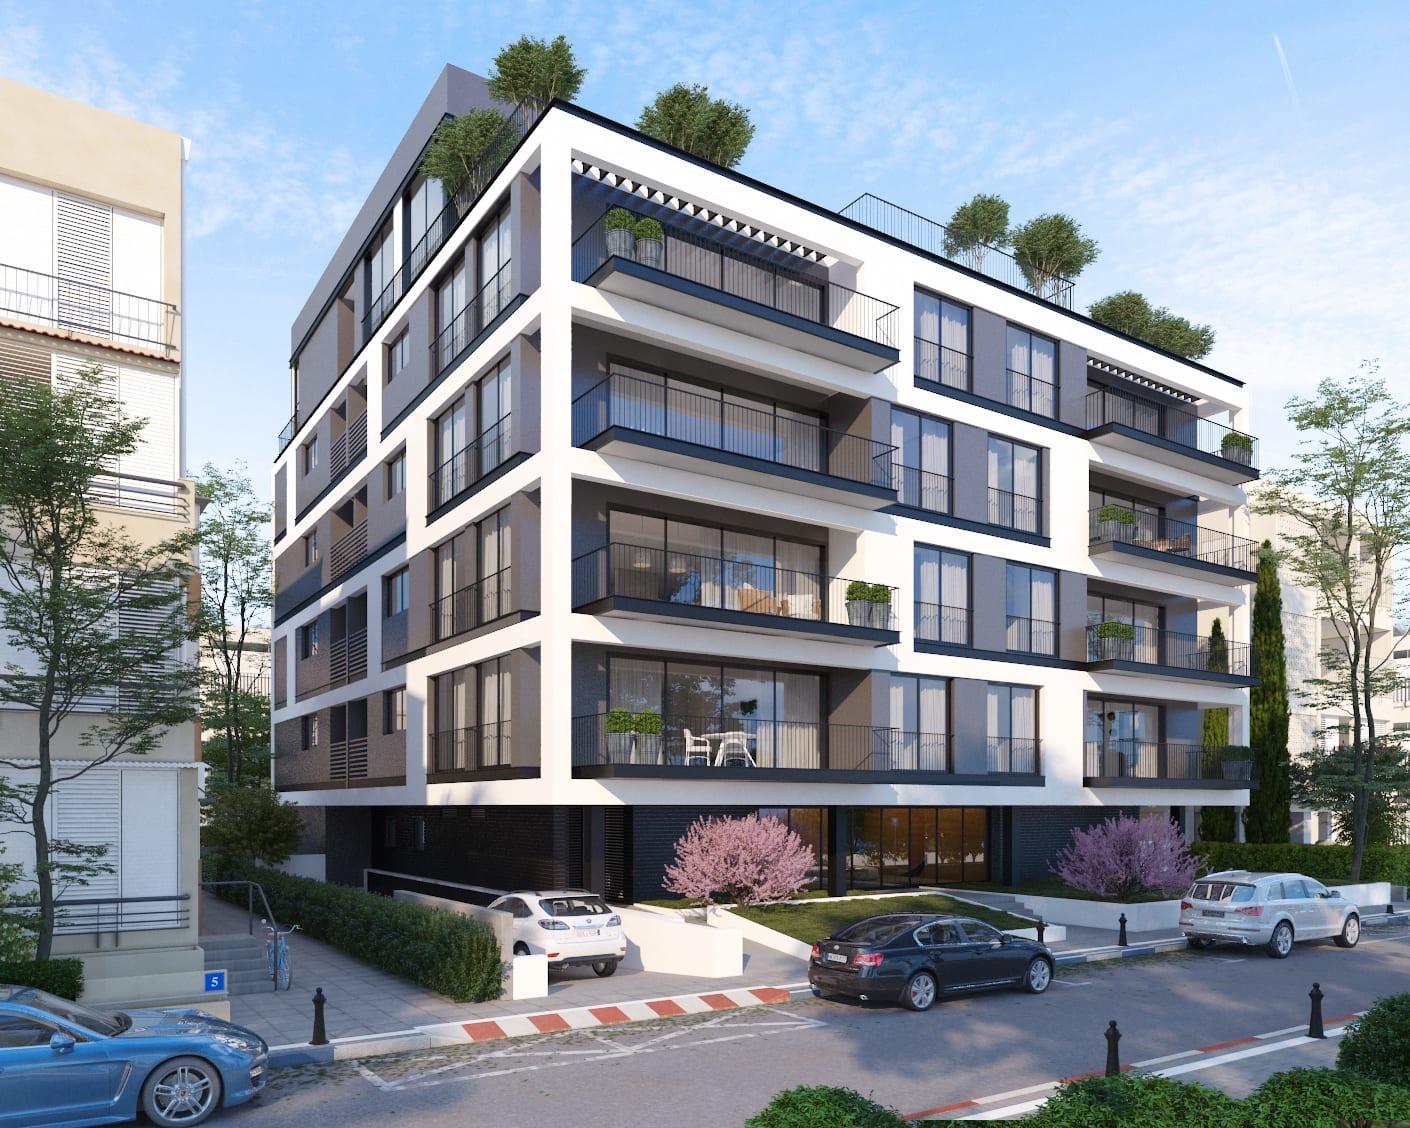 דירה חדשה למכירה במרכז תל אביב